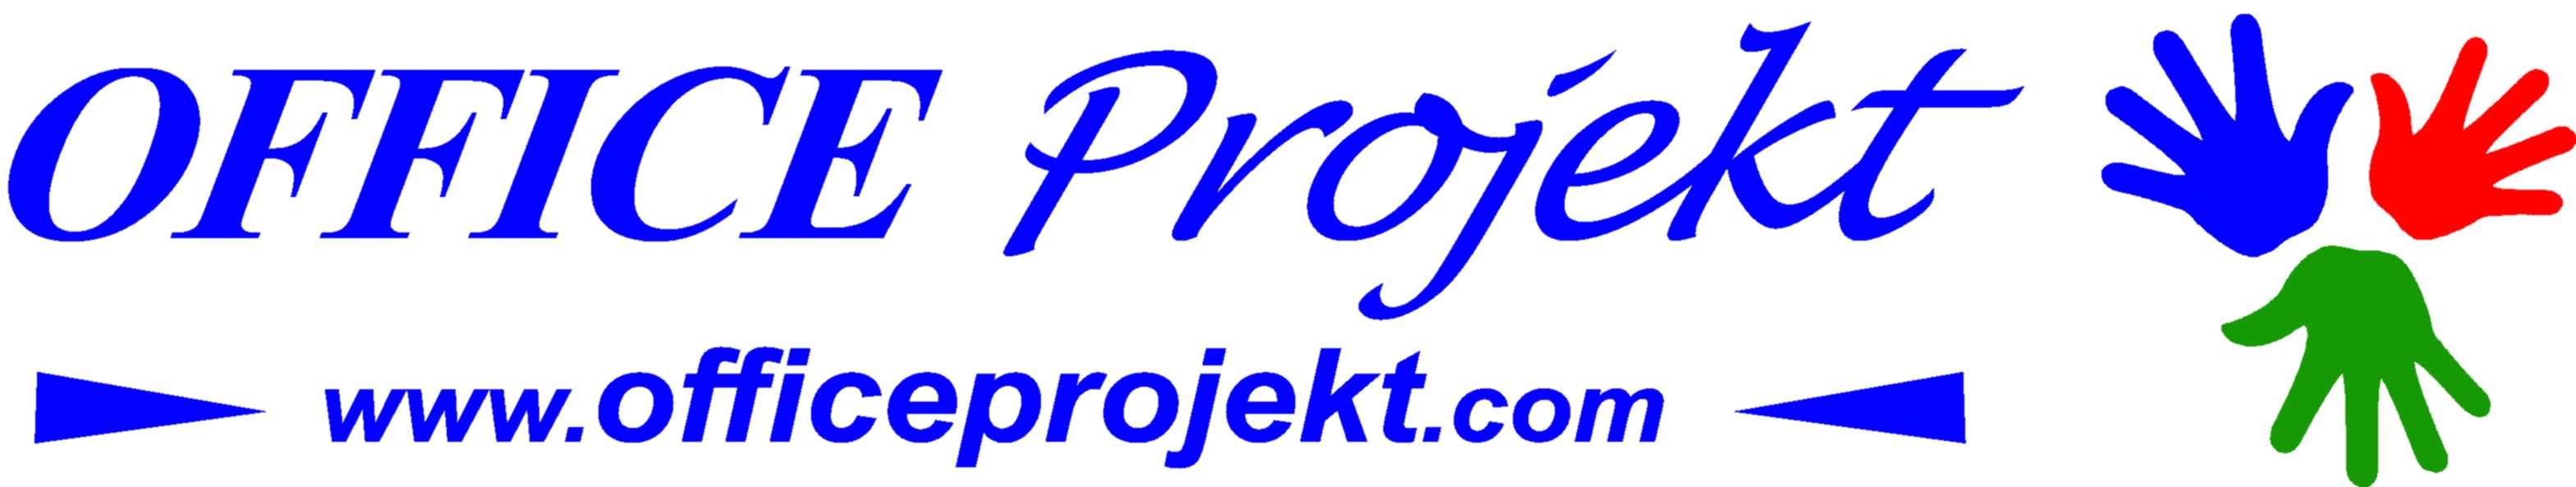 Officeprojekt